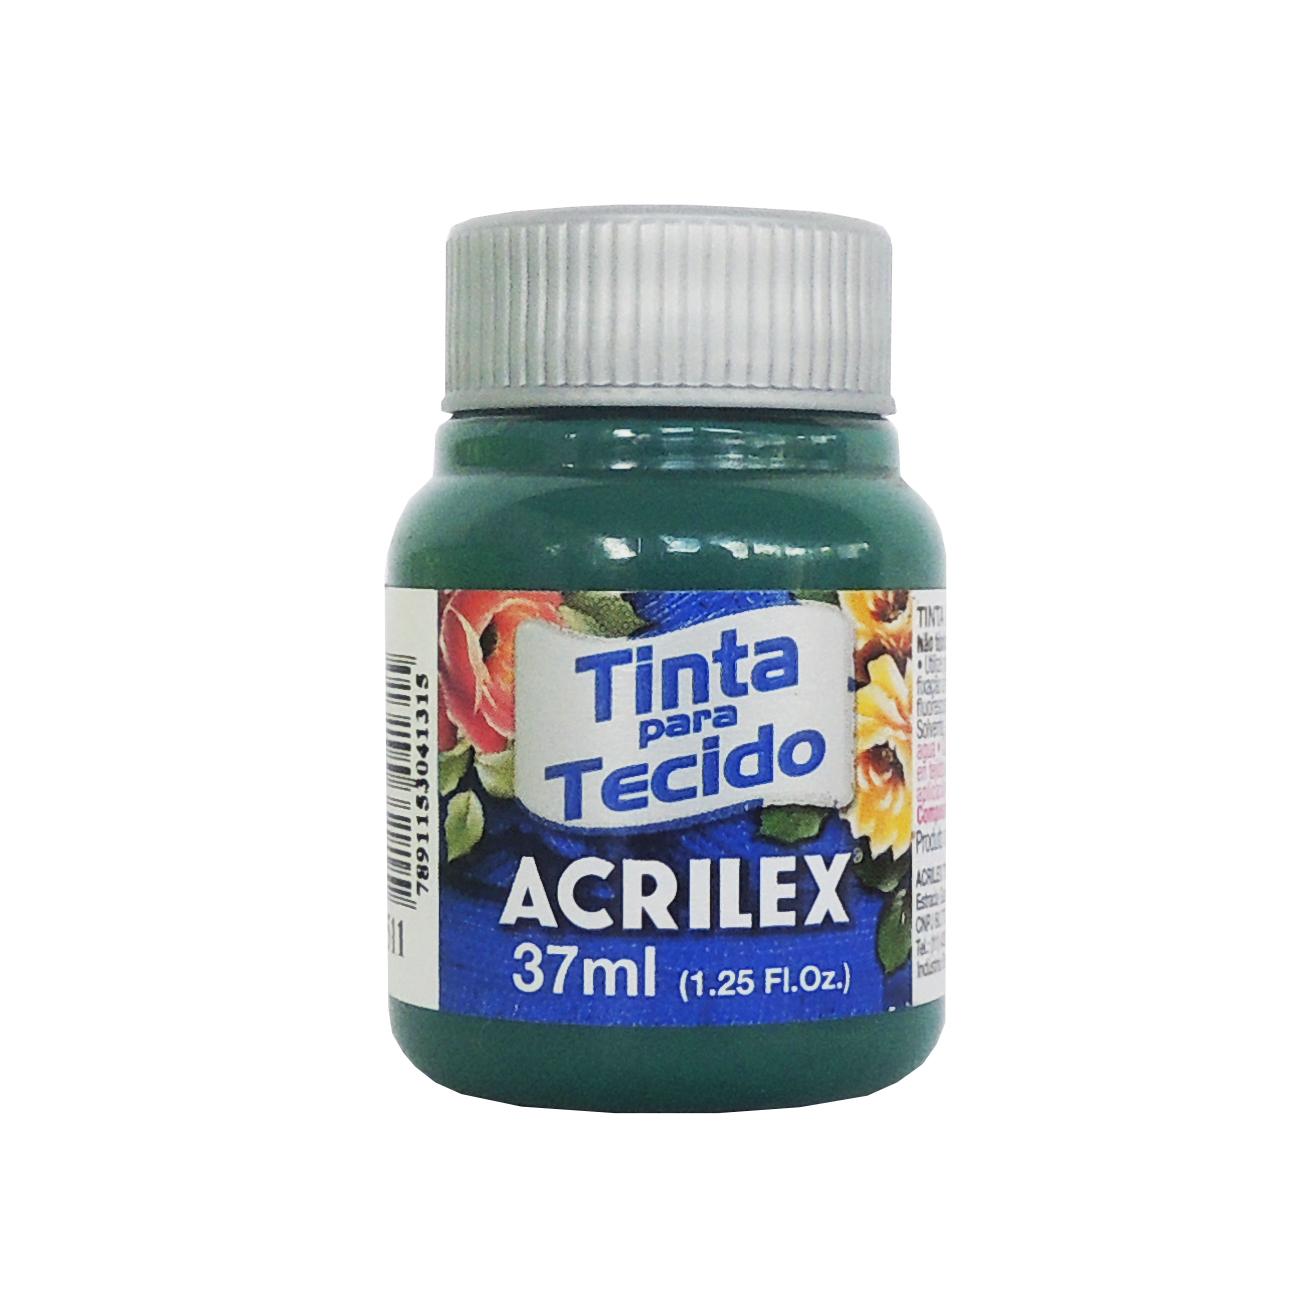 tinta-para-tecido-acrilex-37ml-511-verde-bandeira